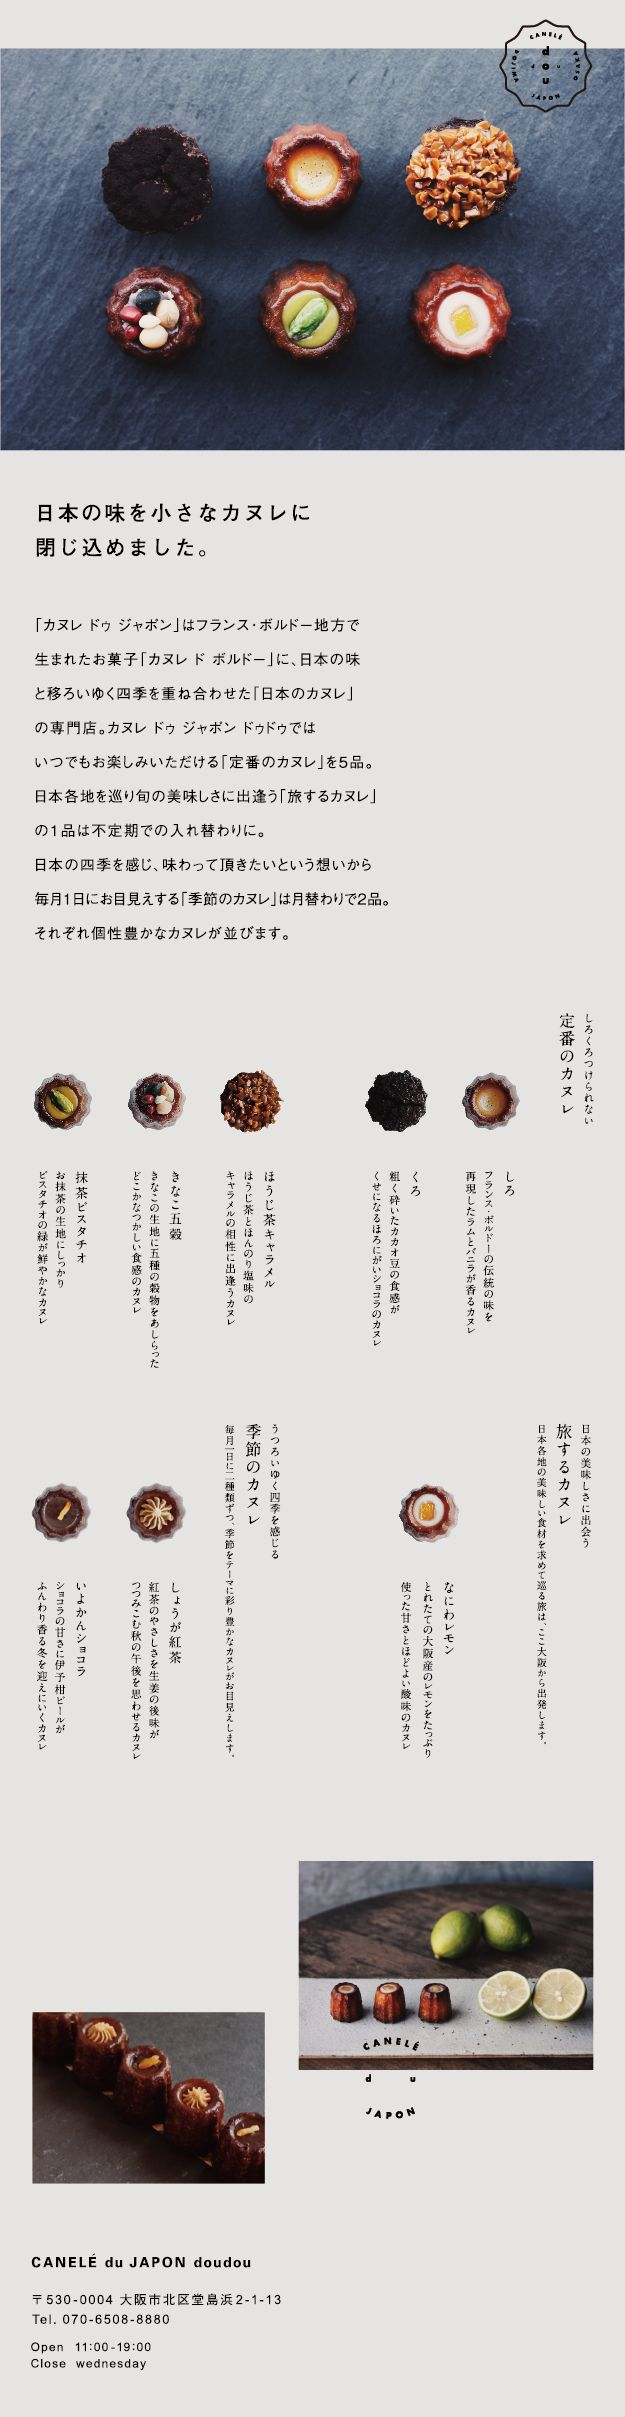 CANELE du JAPON doudou - カヌレ堂堂島店カヌレ堂 CANELÉ du JAPON-